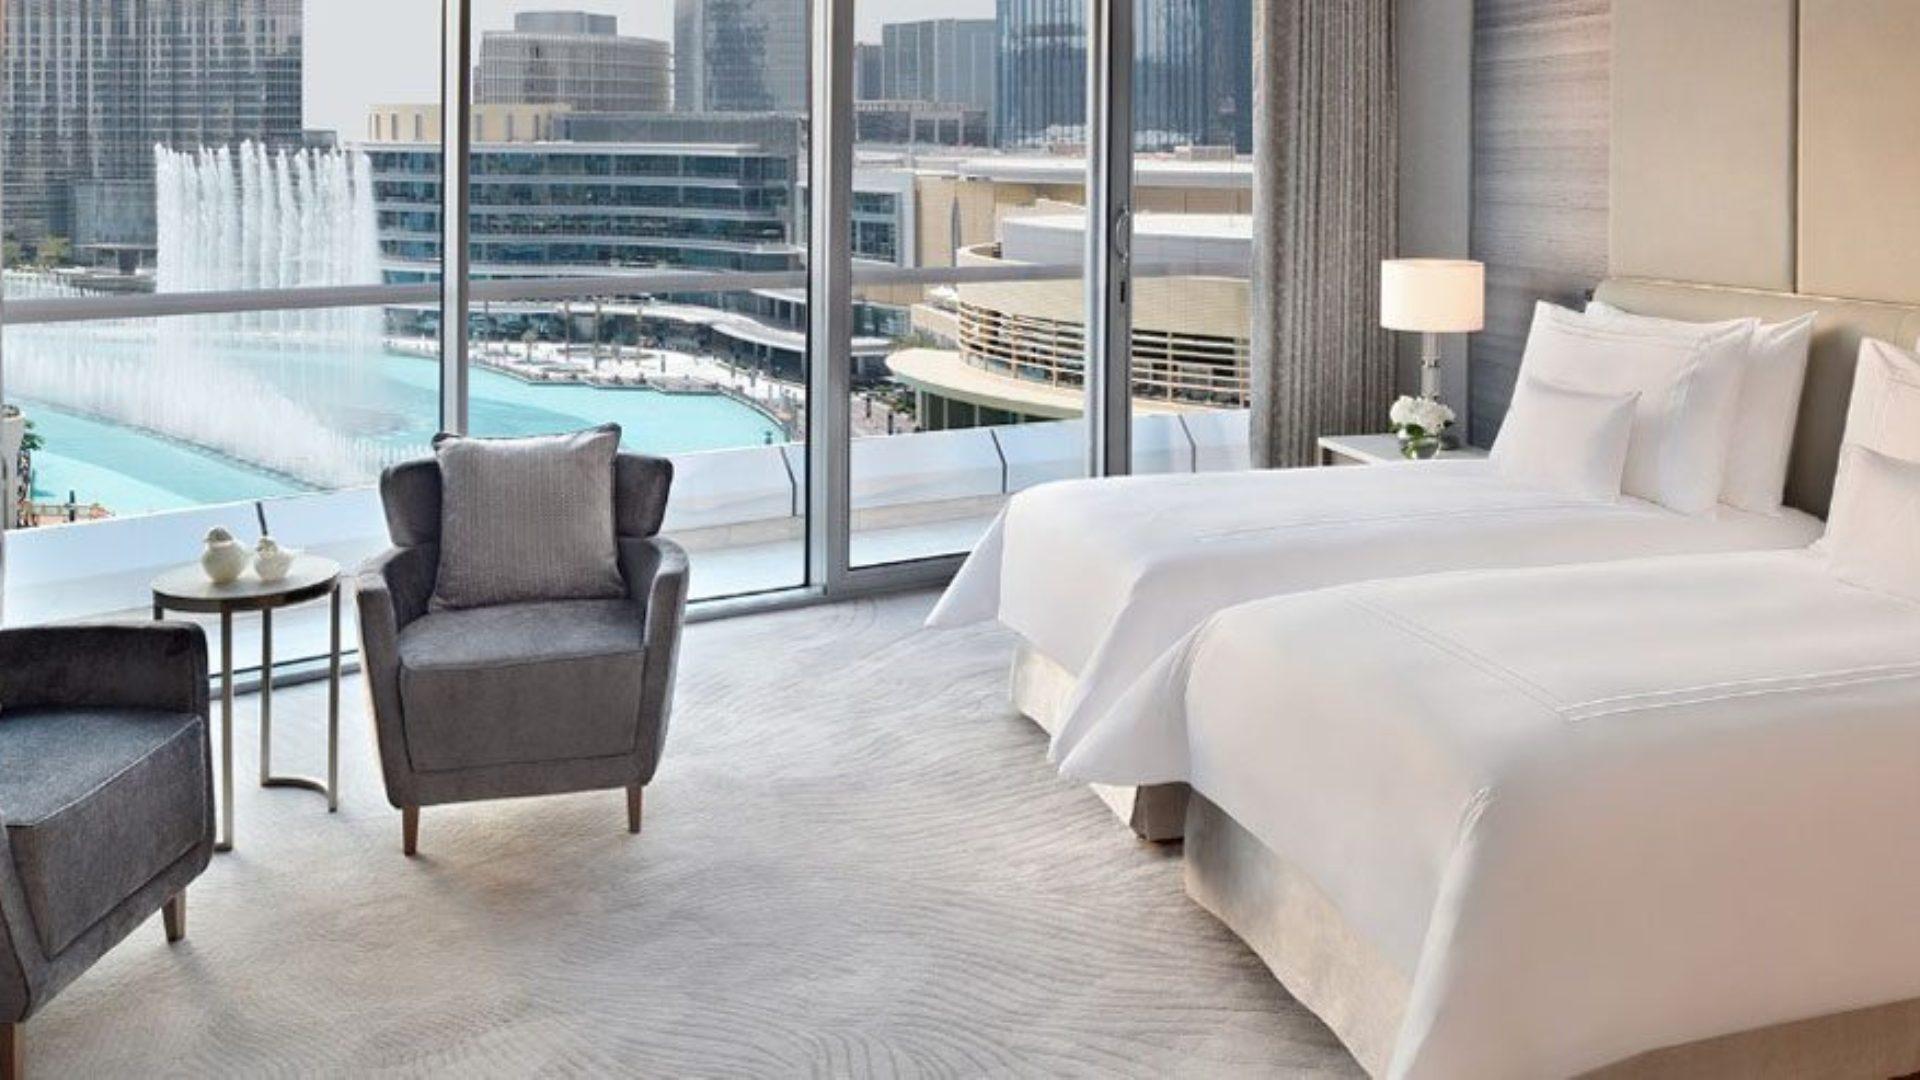 Ático en venta en Dubai, EAU, 4 dormitorios, 300 m2, № 24325 – foto 5